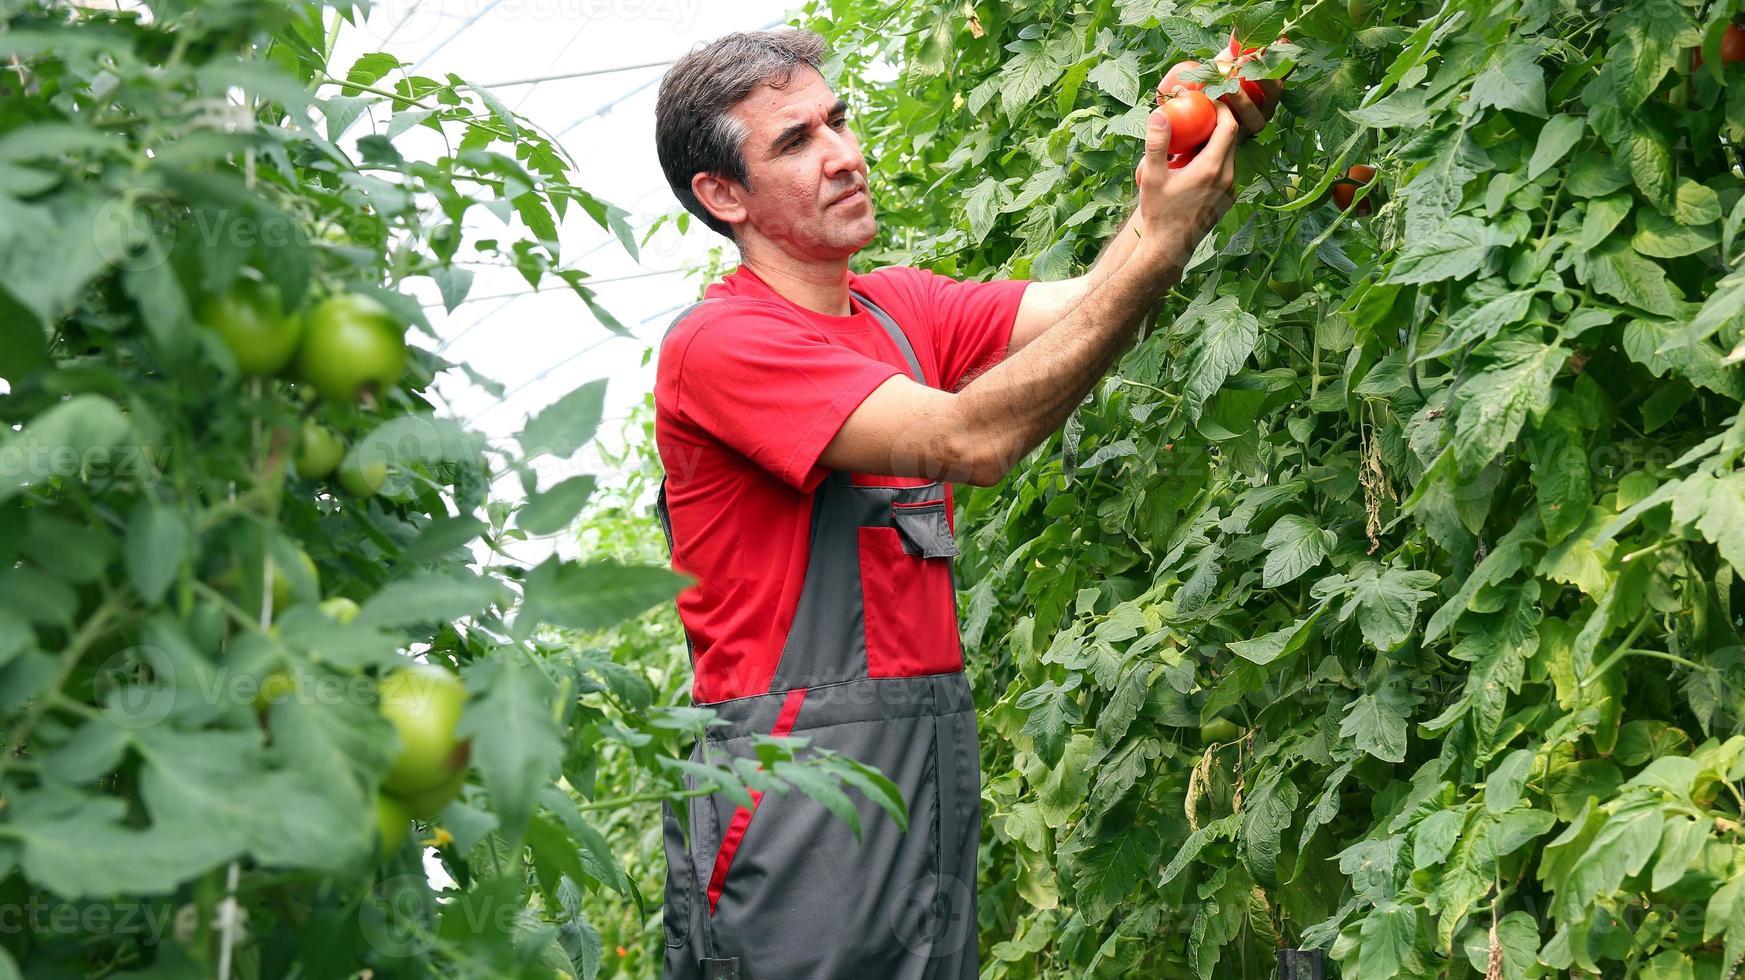 agricultor orgânico que colhe tomates foto